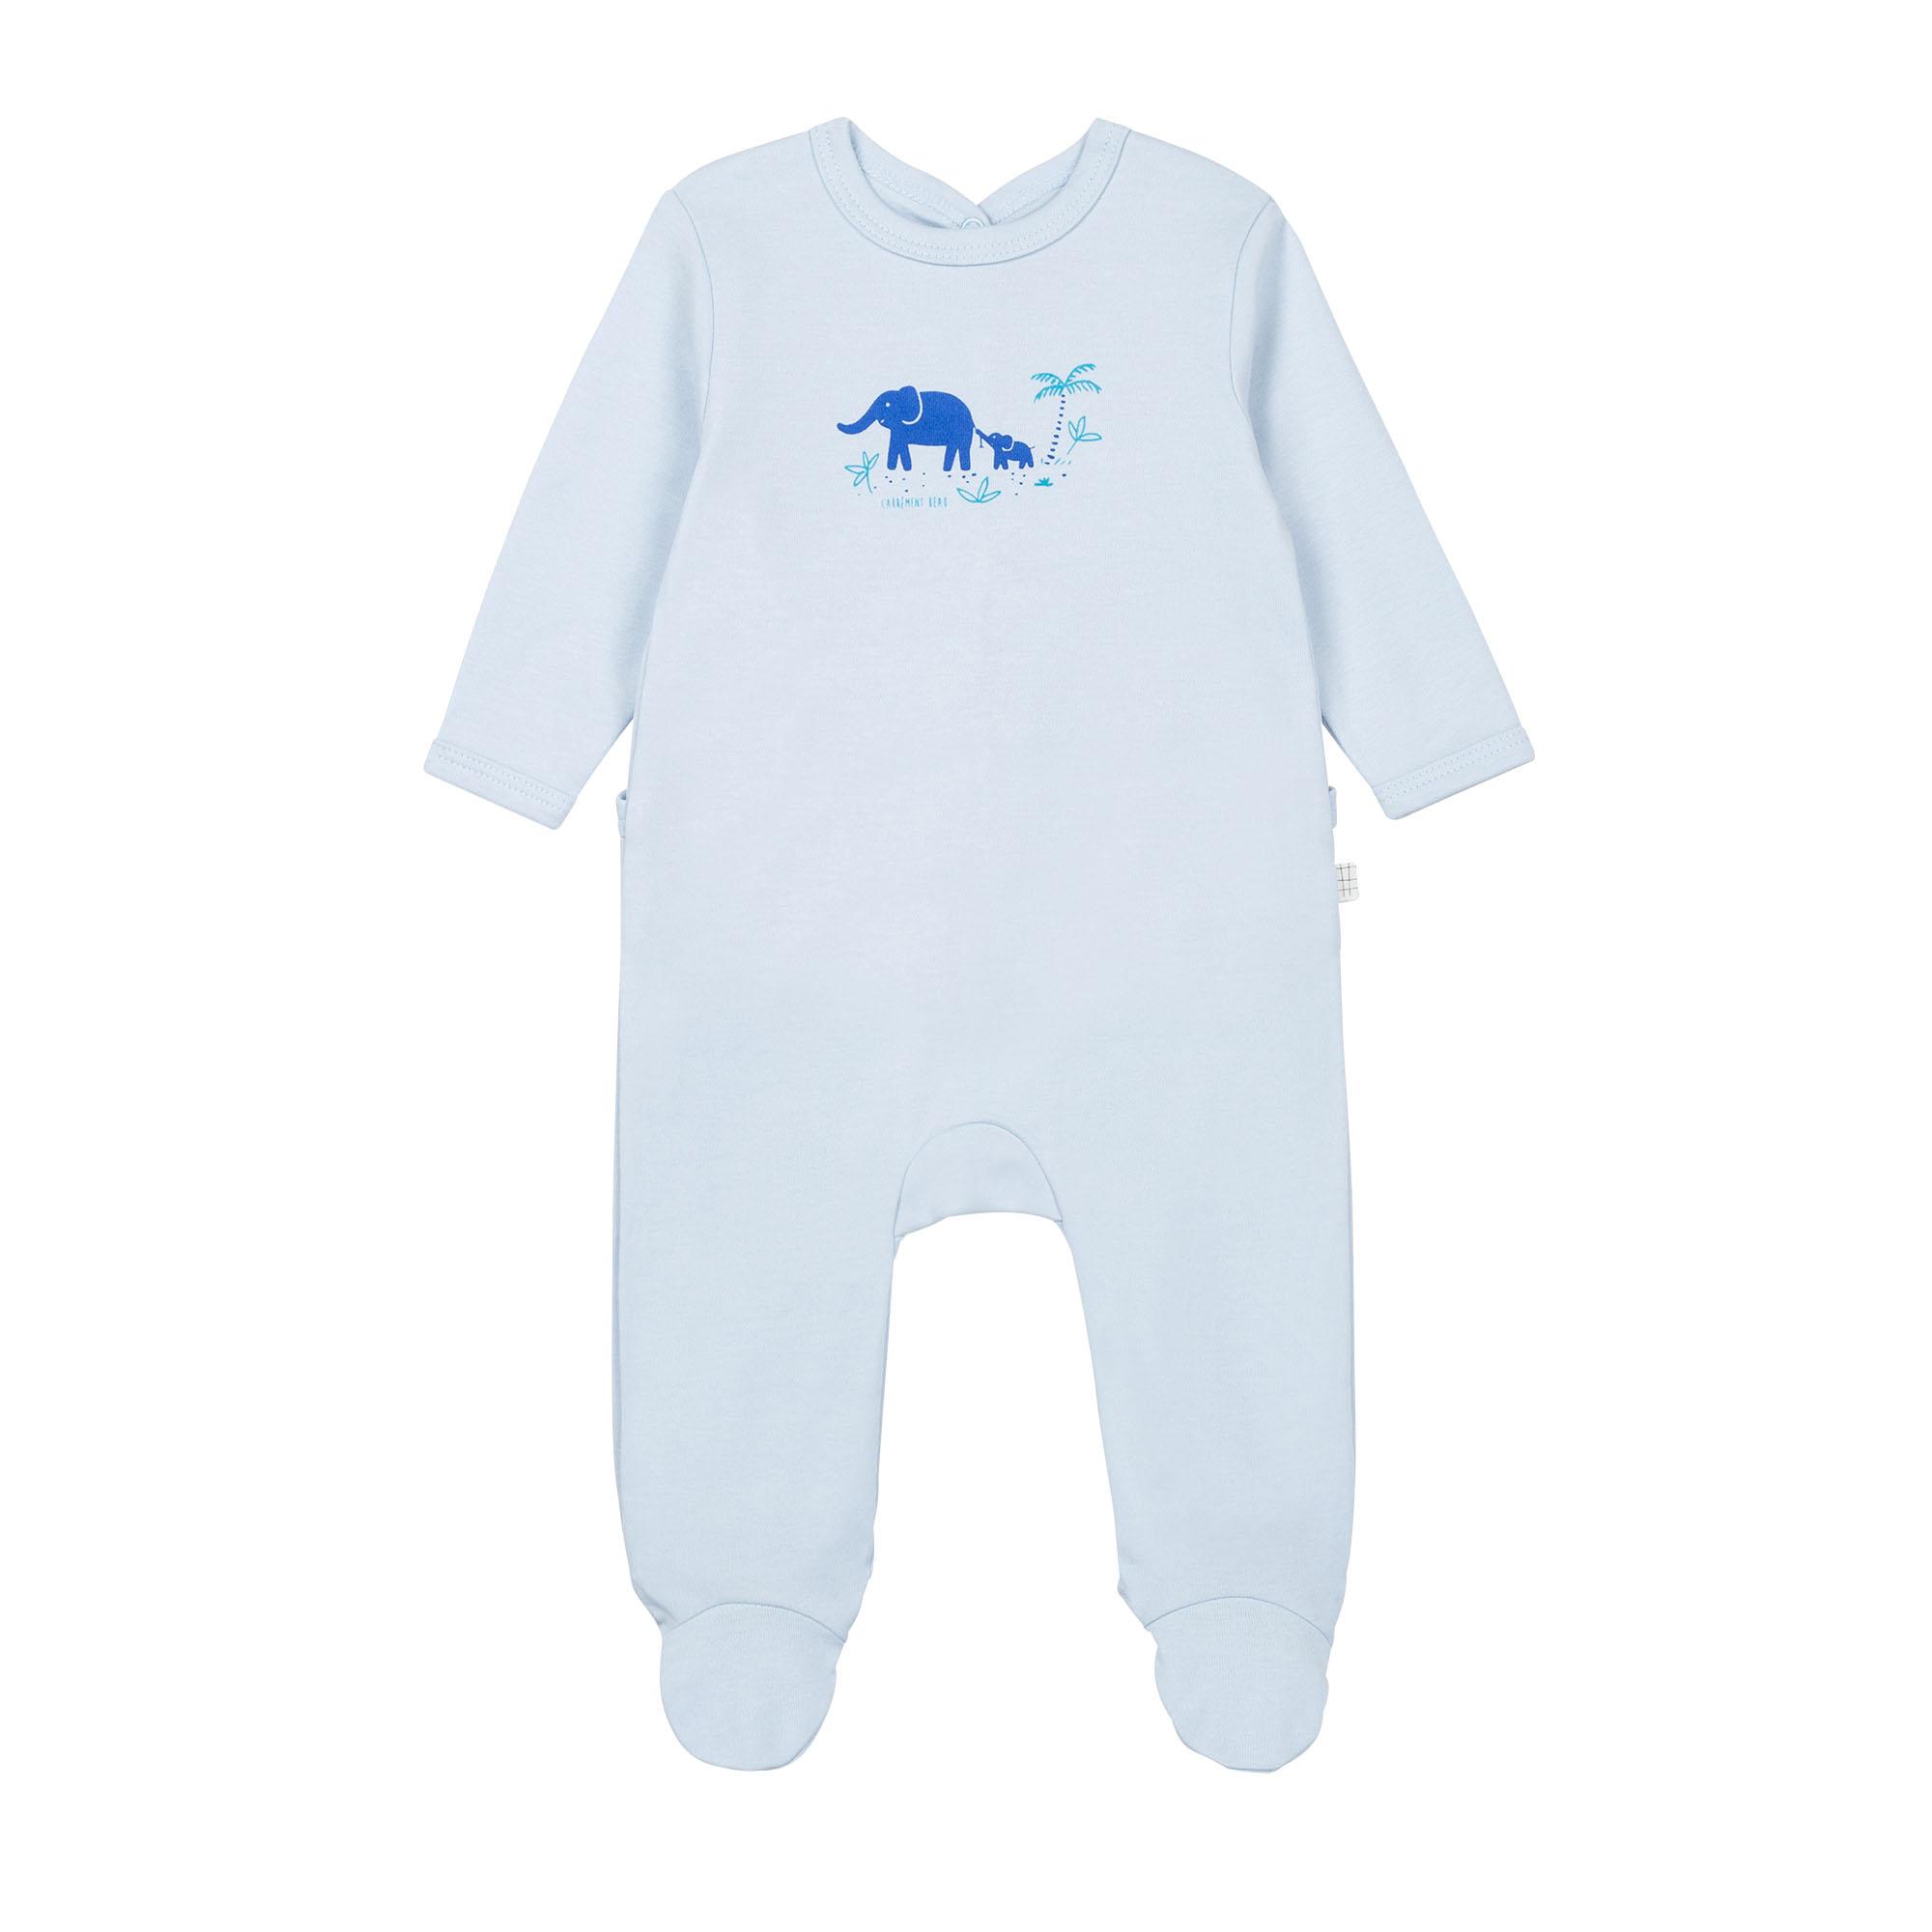 Pyjama en coton biologique avec boîte CARREMENT BEAU BEBE COUCHE GARCON Bleu